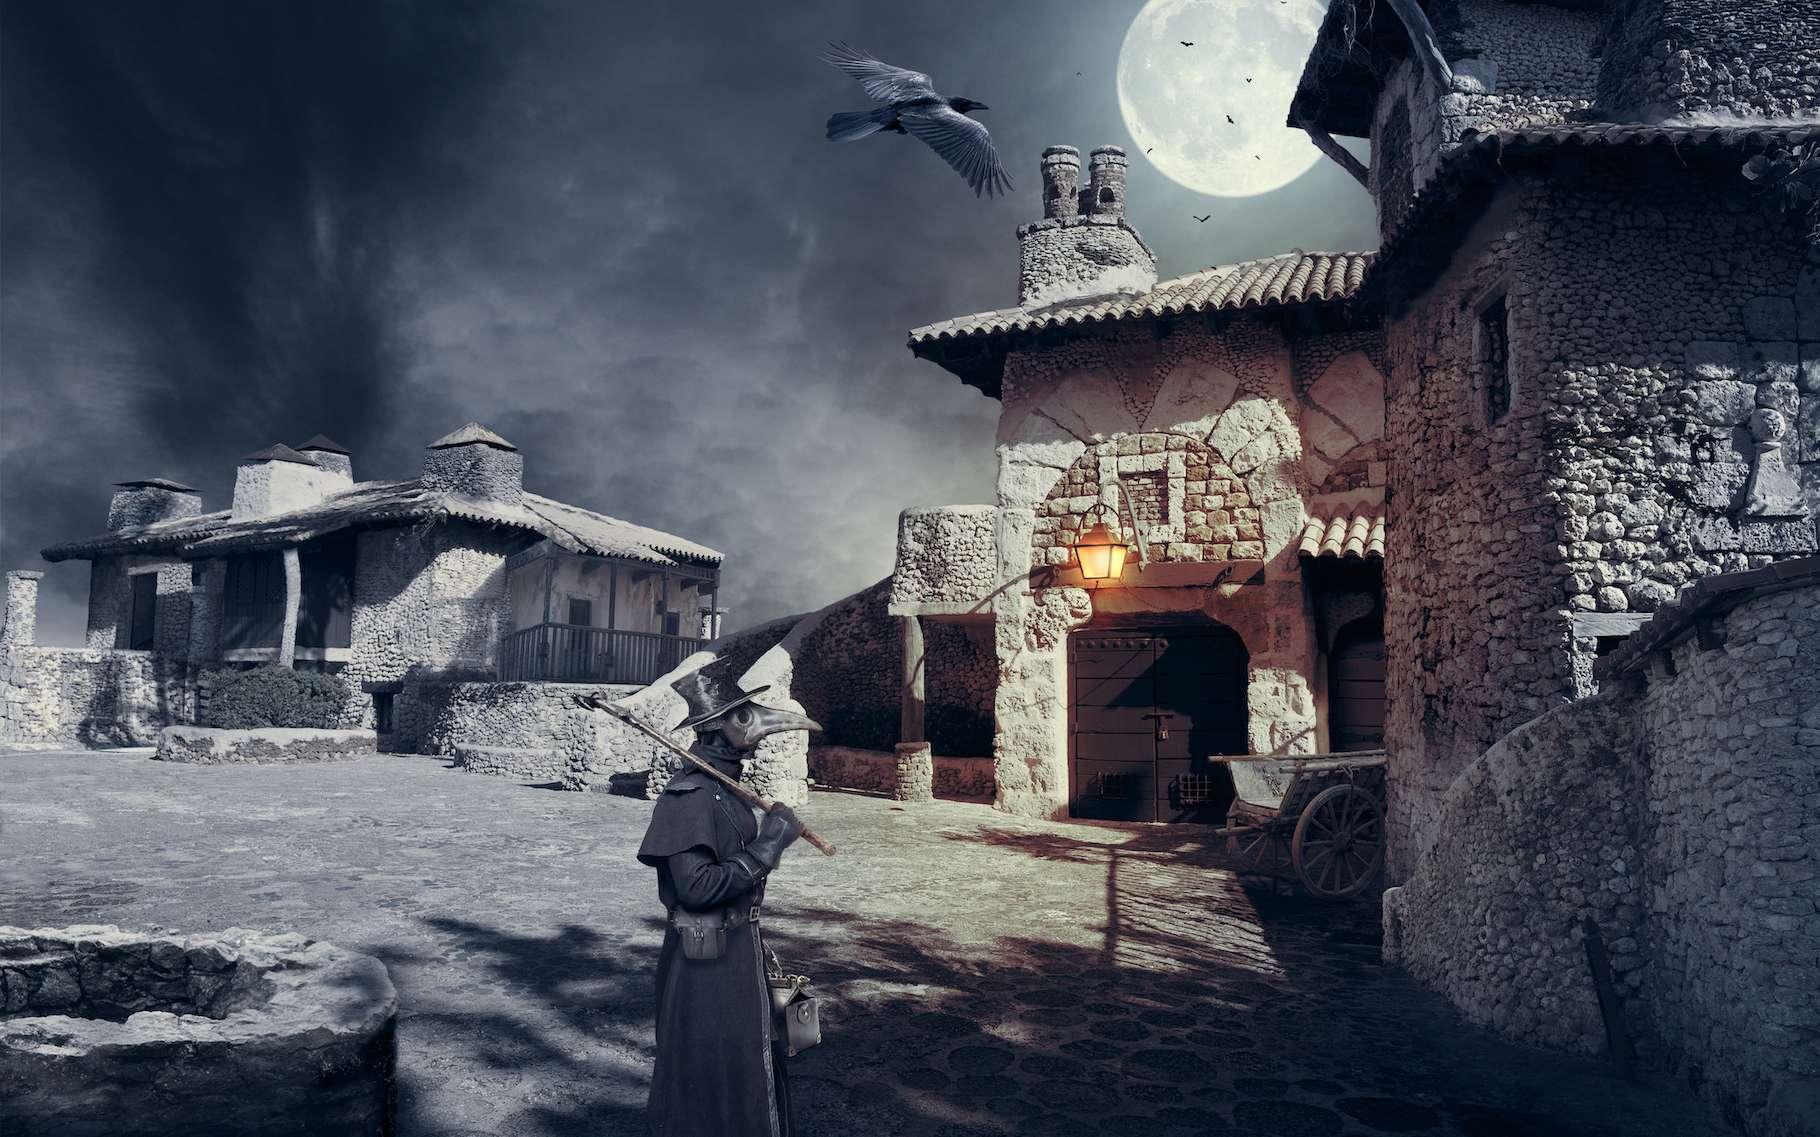 La peste noire a décimé près de la moitié de la population en Europe au Moyen Âge. © Viktor, Adobe Stock